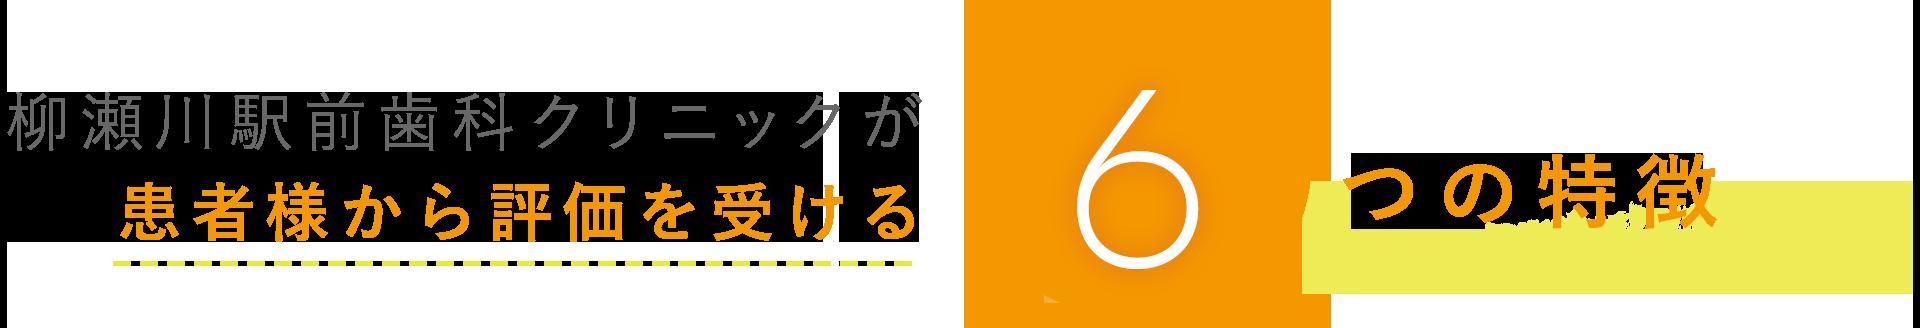 柳瀬川駅前歯科クリニックが患者様から評価を受ける6つの特徴